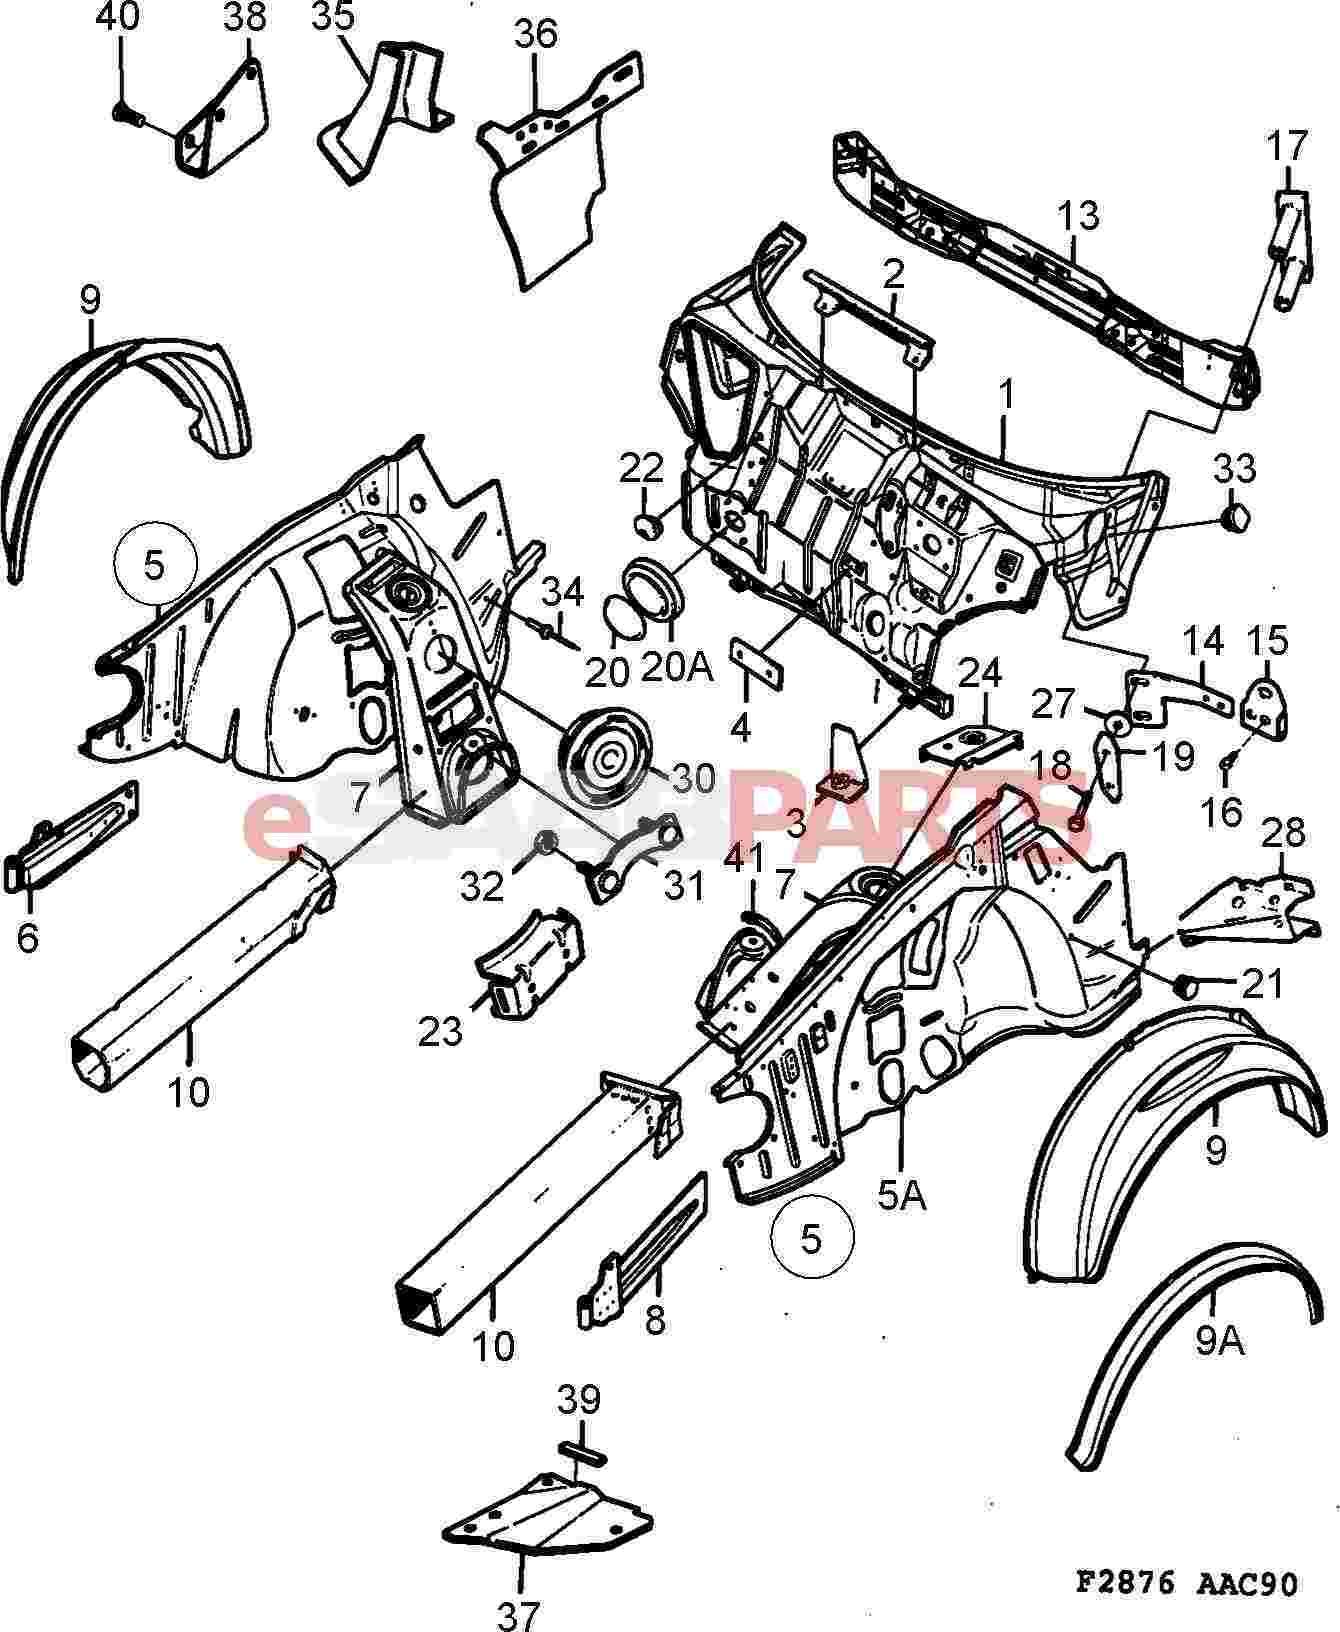 eSaabParts.com - Saab 900 > Car Body: External Parts > Body Parts ...